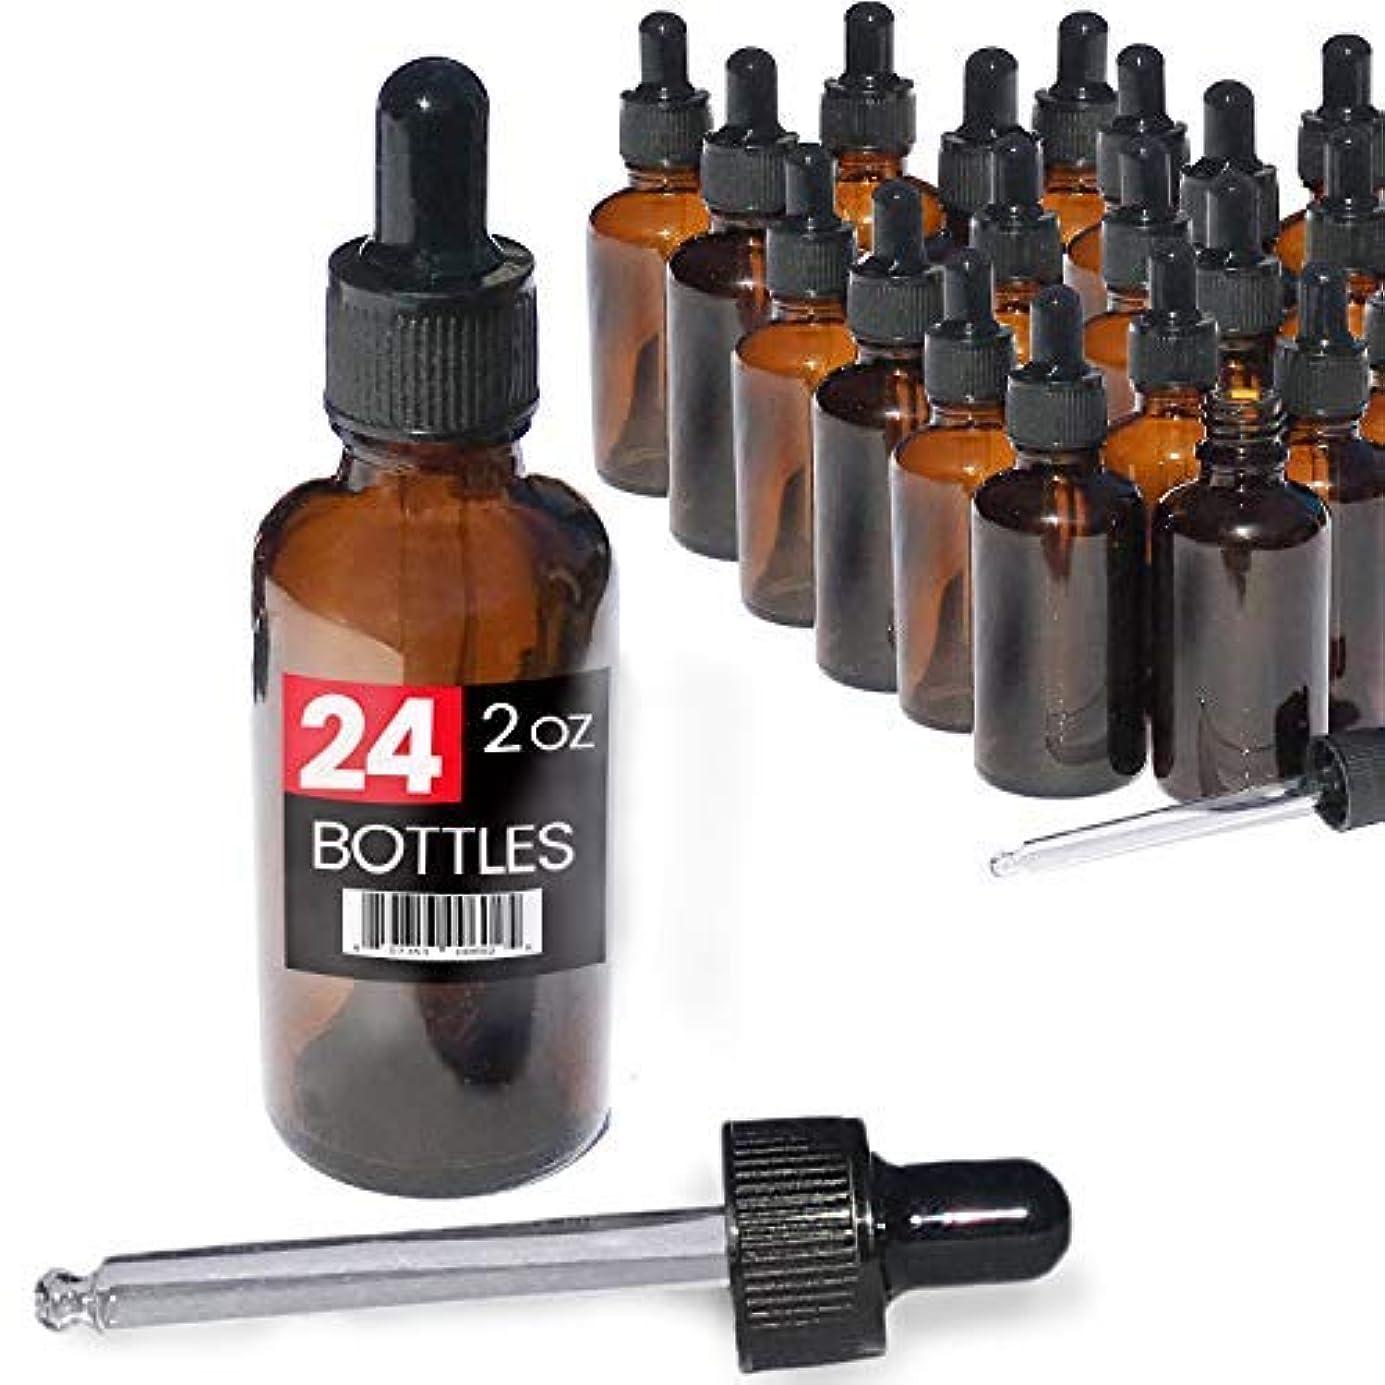 流出並外れた復活2oz Premium Dropper Bottles (24 pack) - Great for Essential Oils - Amber 2 oz Glass - Glass Eye Dropper - Guaranteed Non-Break Shipping [並行輸入品]